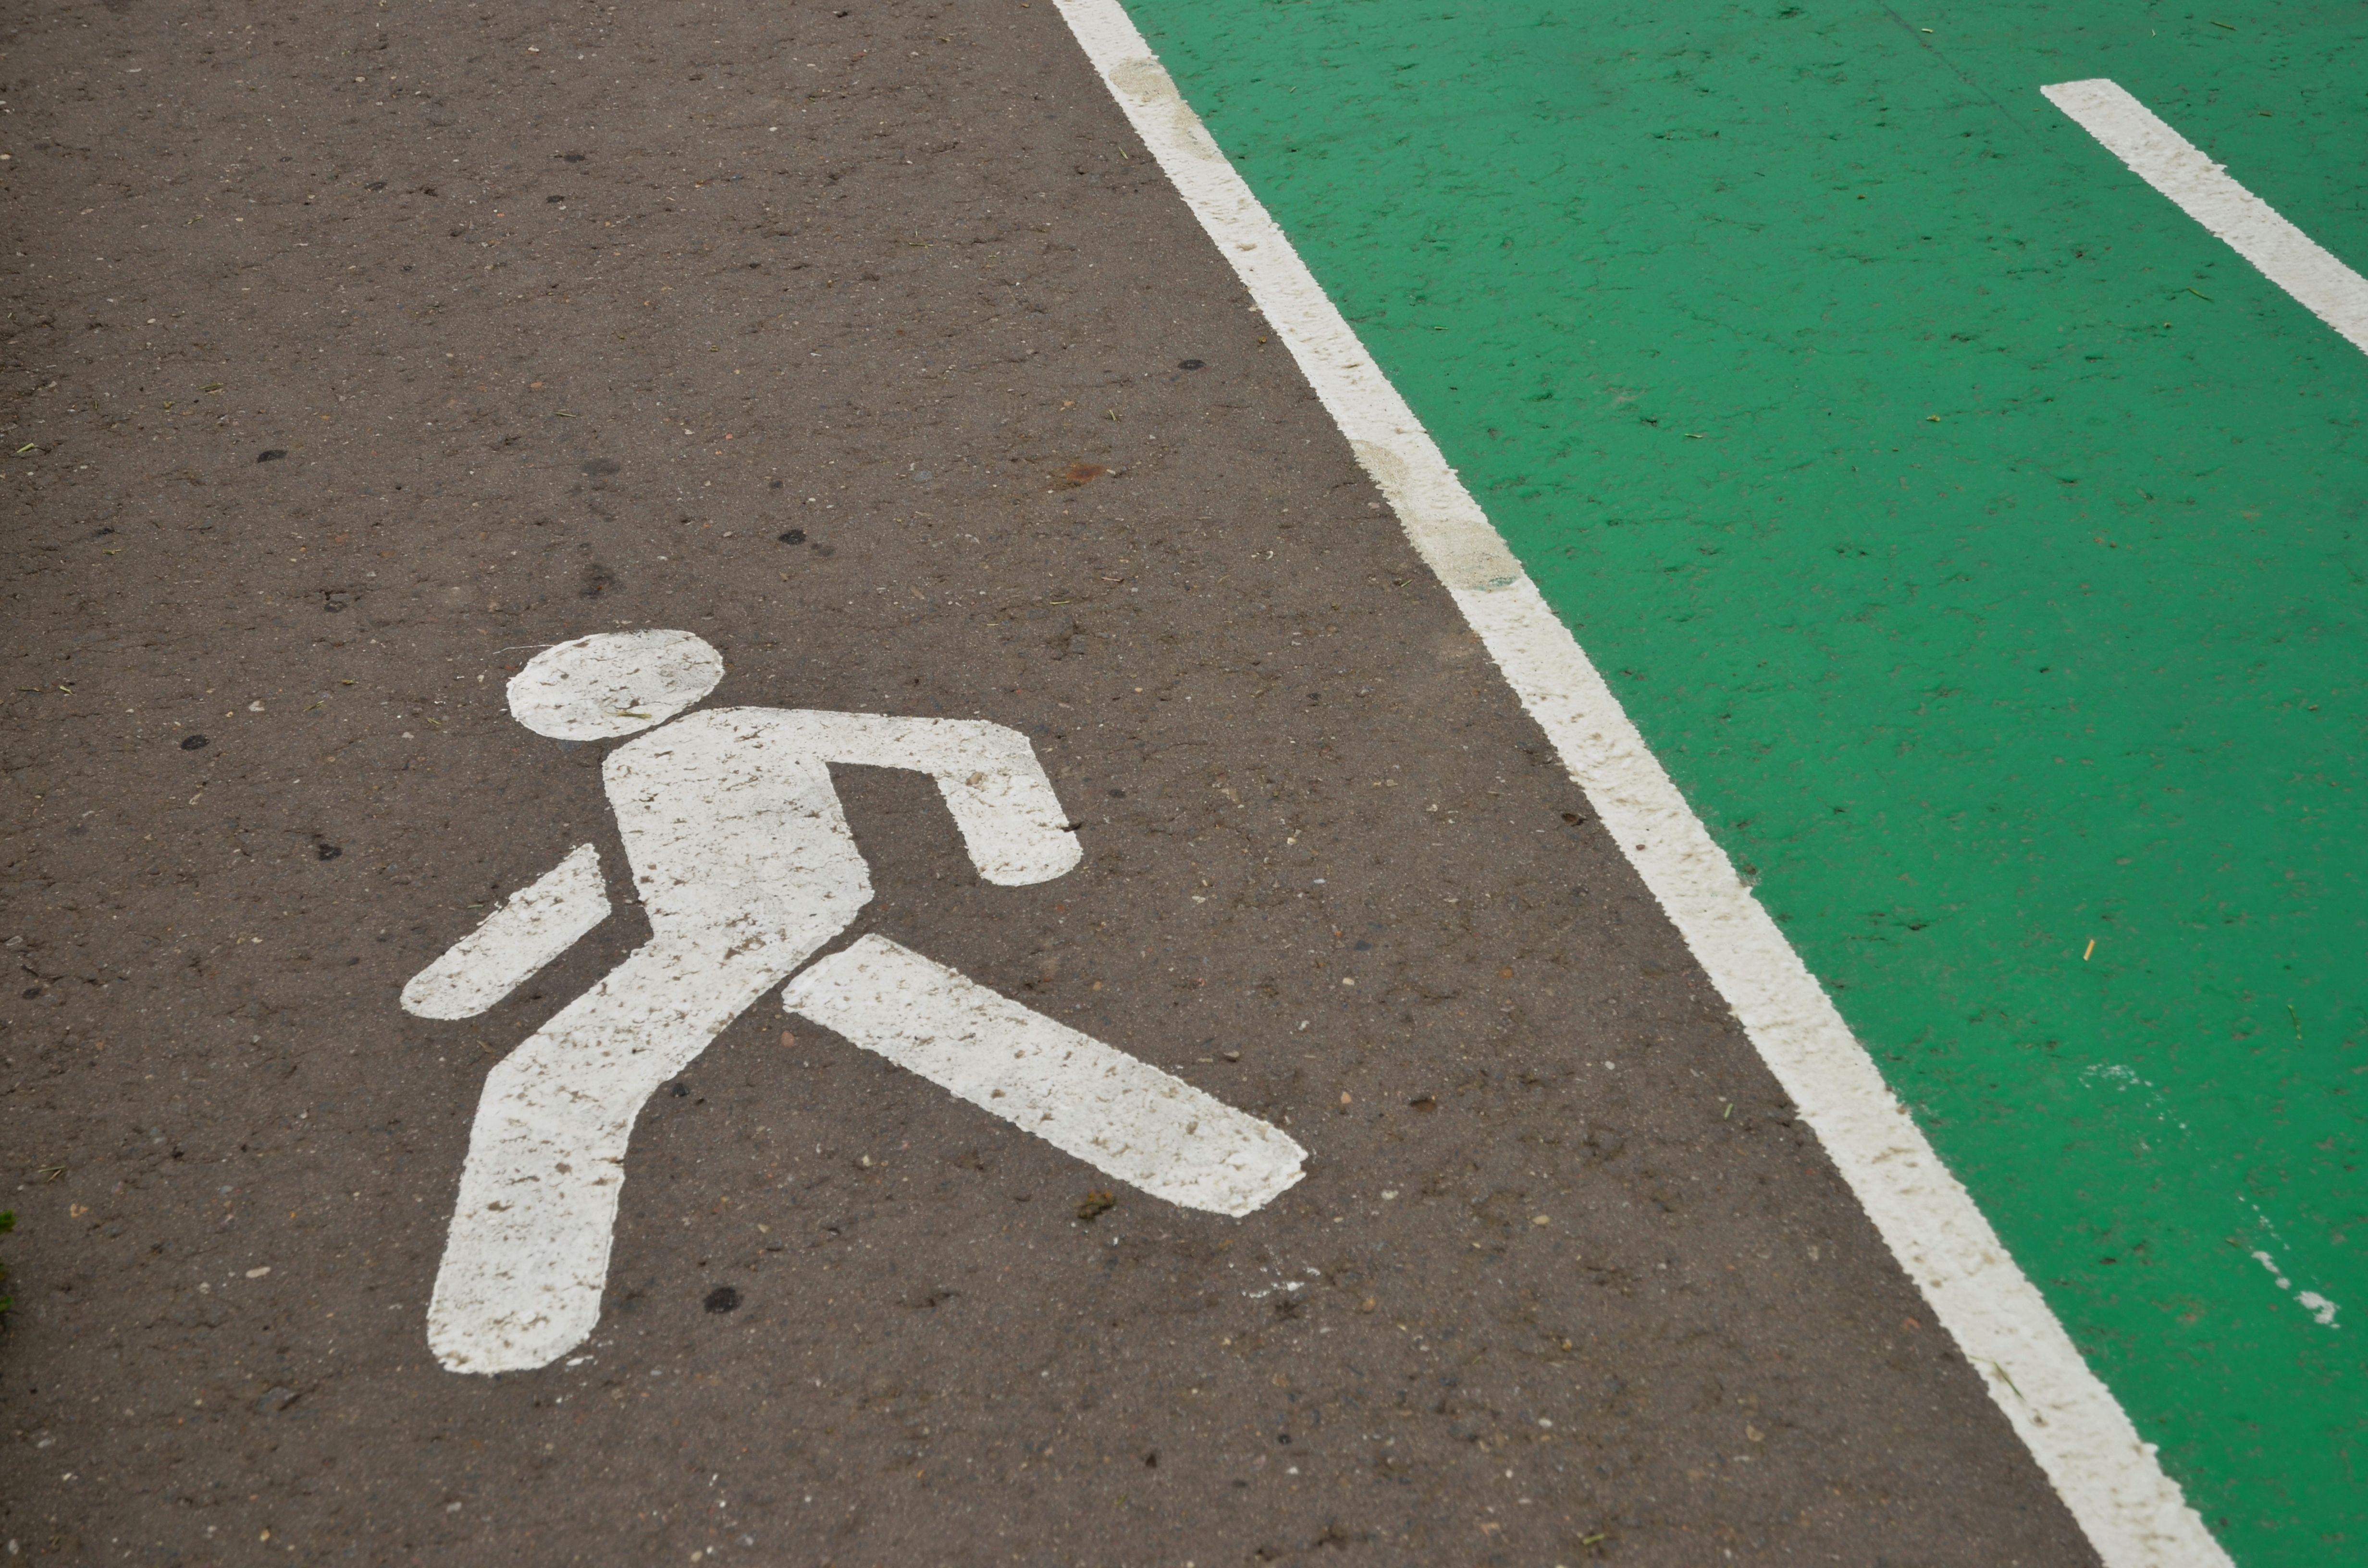 Специалисты выполнят устройство пешеходной зоны в Щаповском